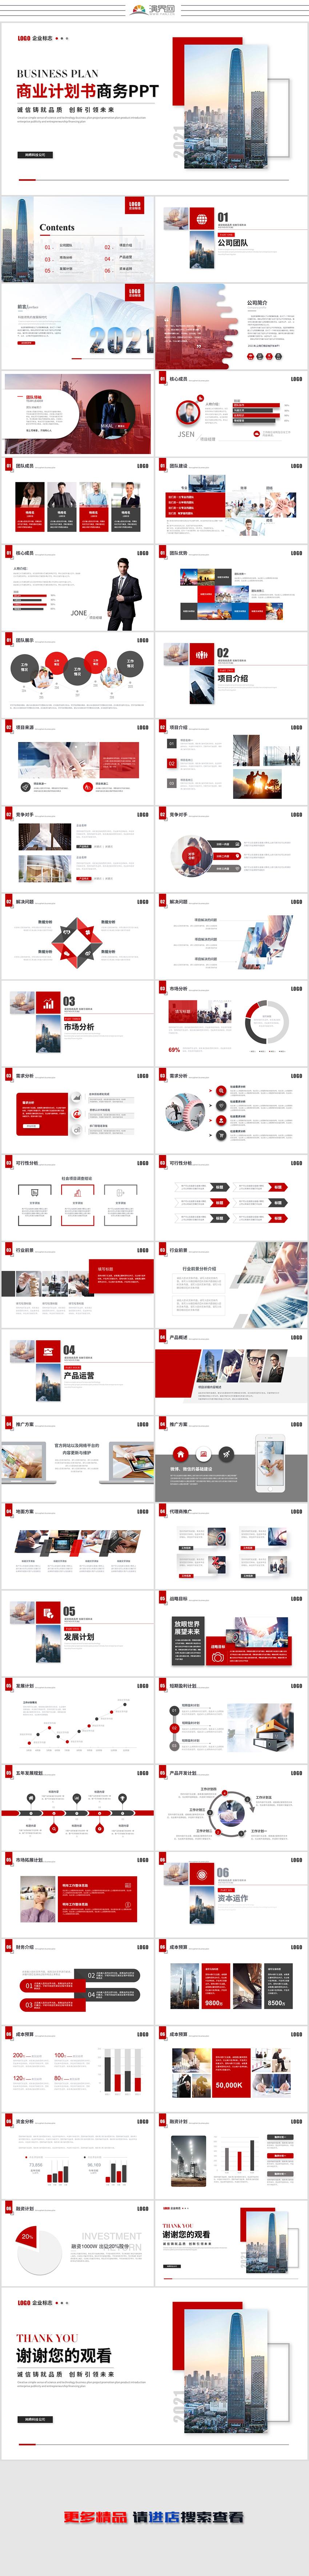 大氣簡約商務商業計劃書公司介紹產品介紹產品融資計劃書ppt模板